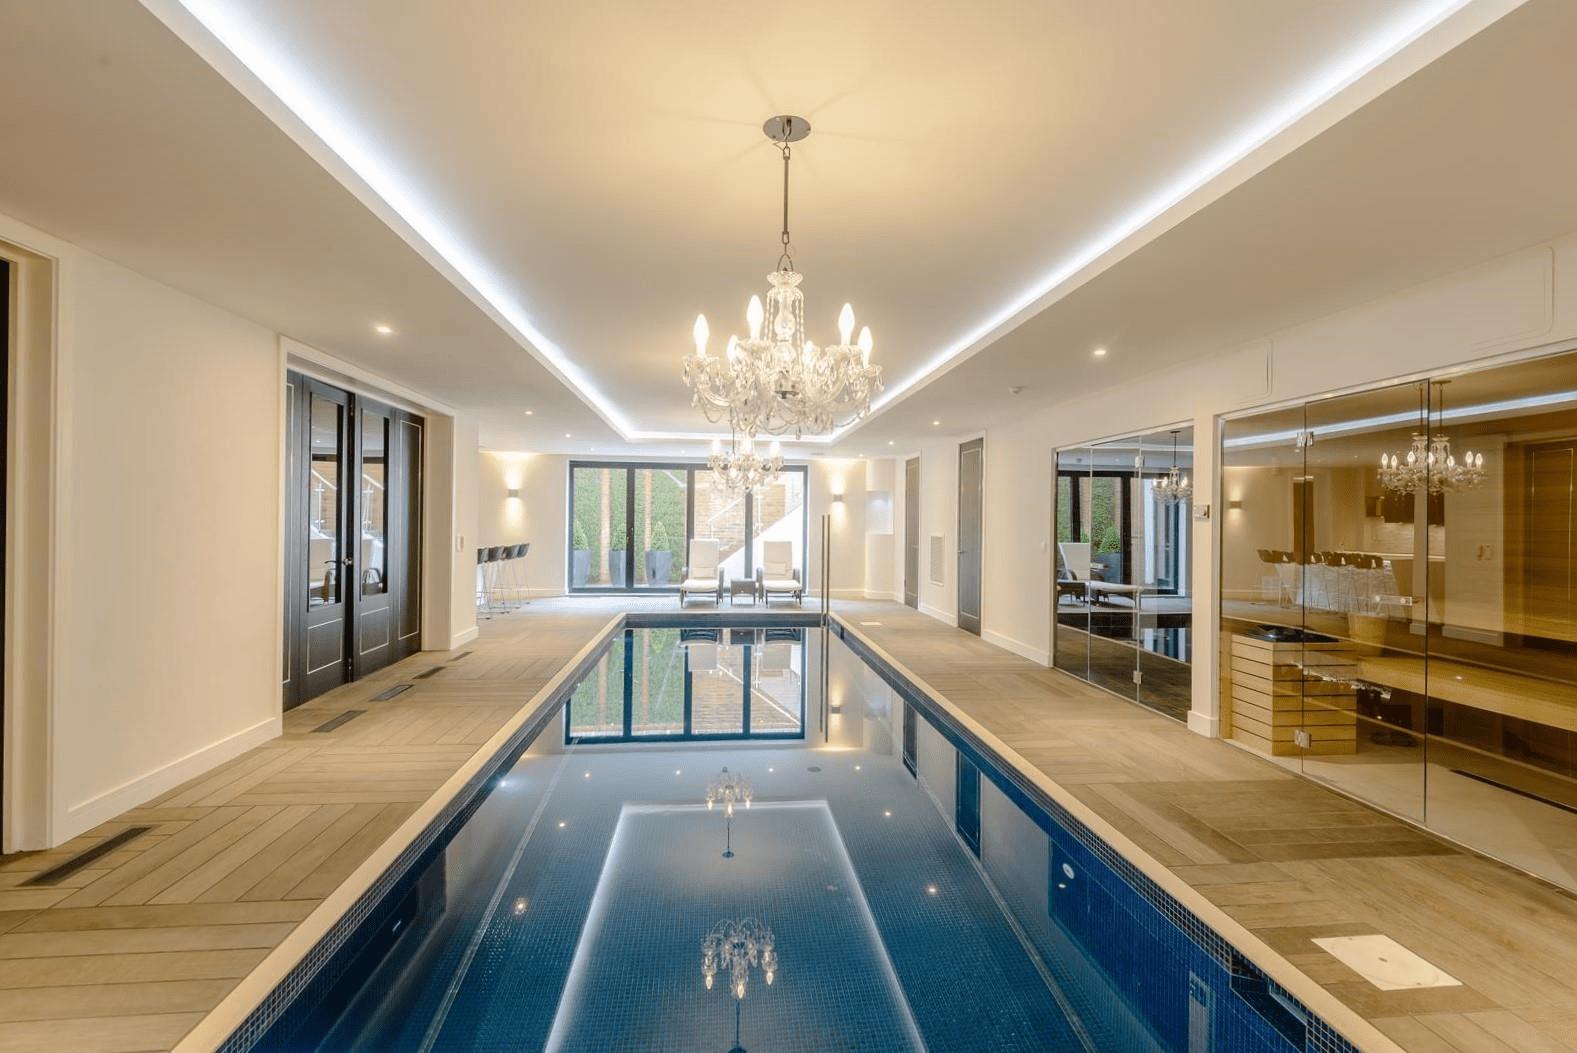 Hồ bơi kết hợp hệ thống đèn chùm trên trần nhà sẽ tạo ra không gian lung linh